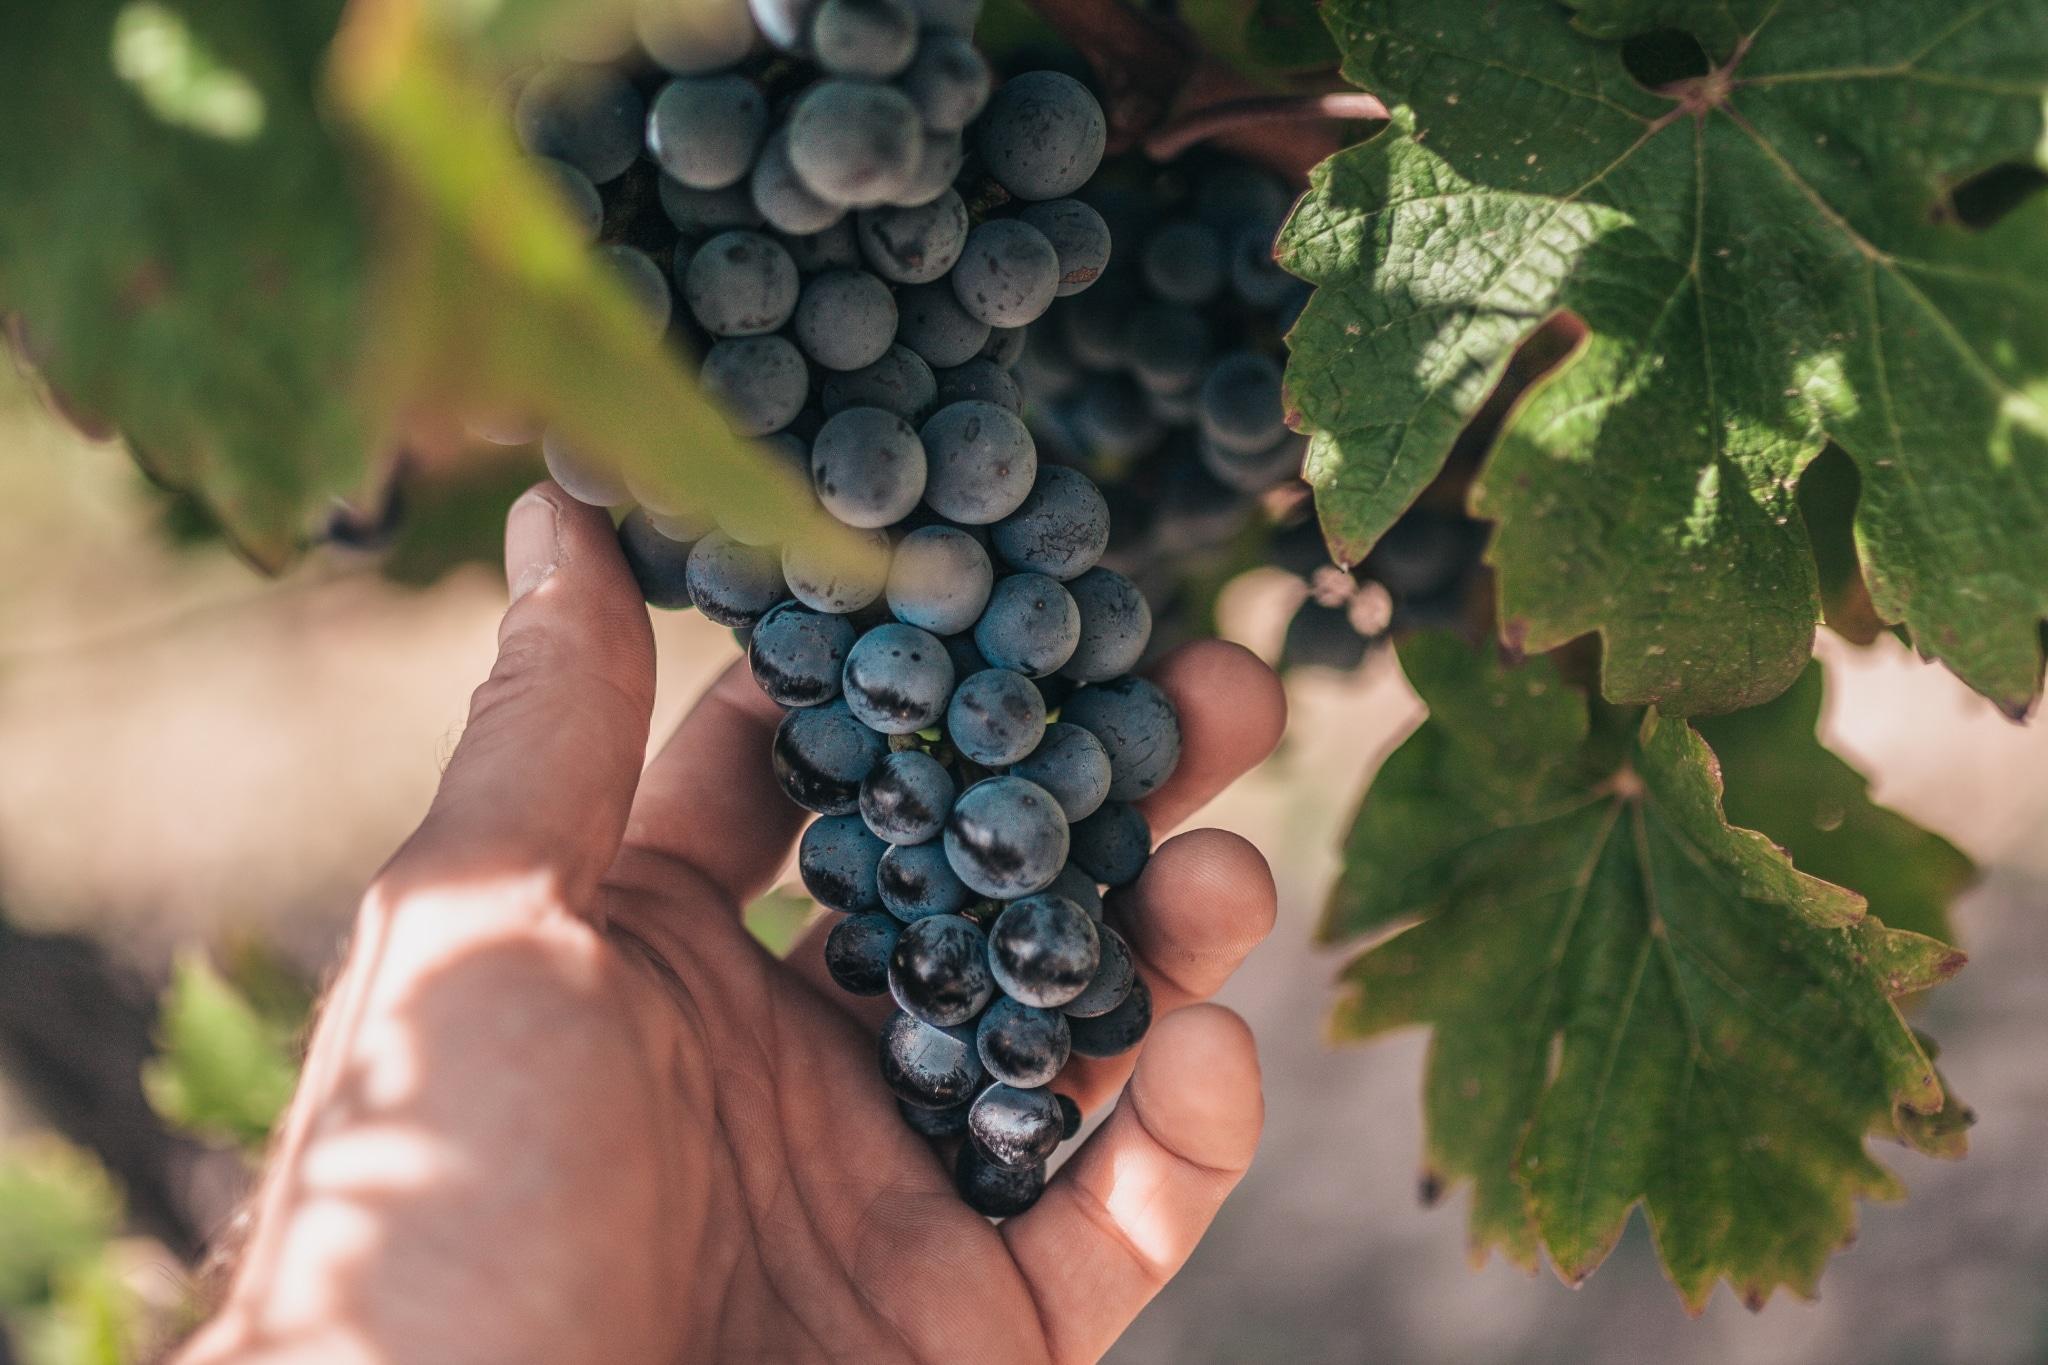 Weintrauben von Hand kontrolliert, Weingut Langmann vlg. Lex, Steiermark